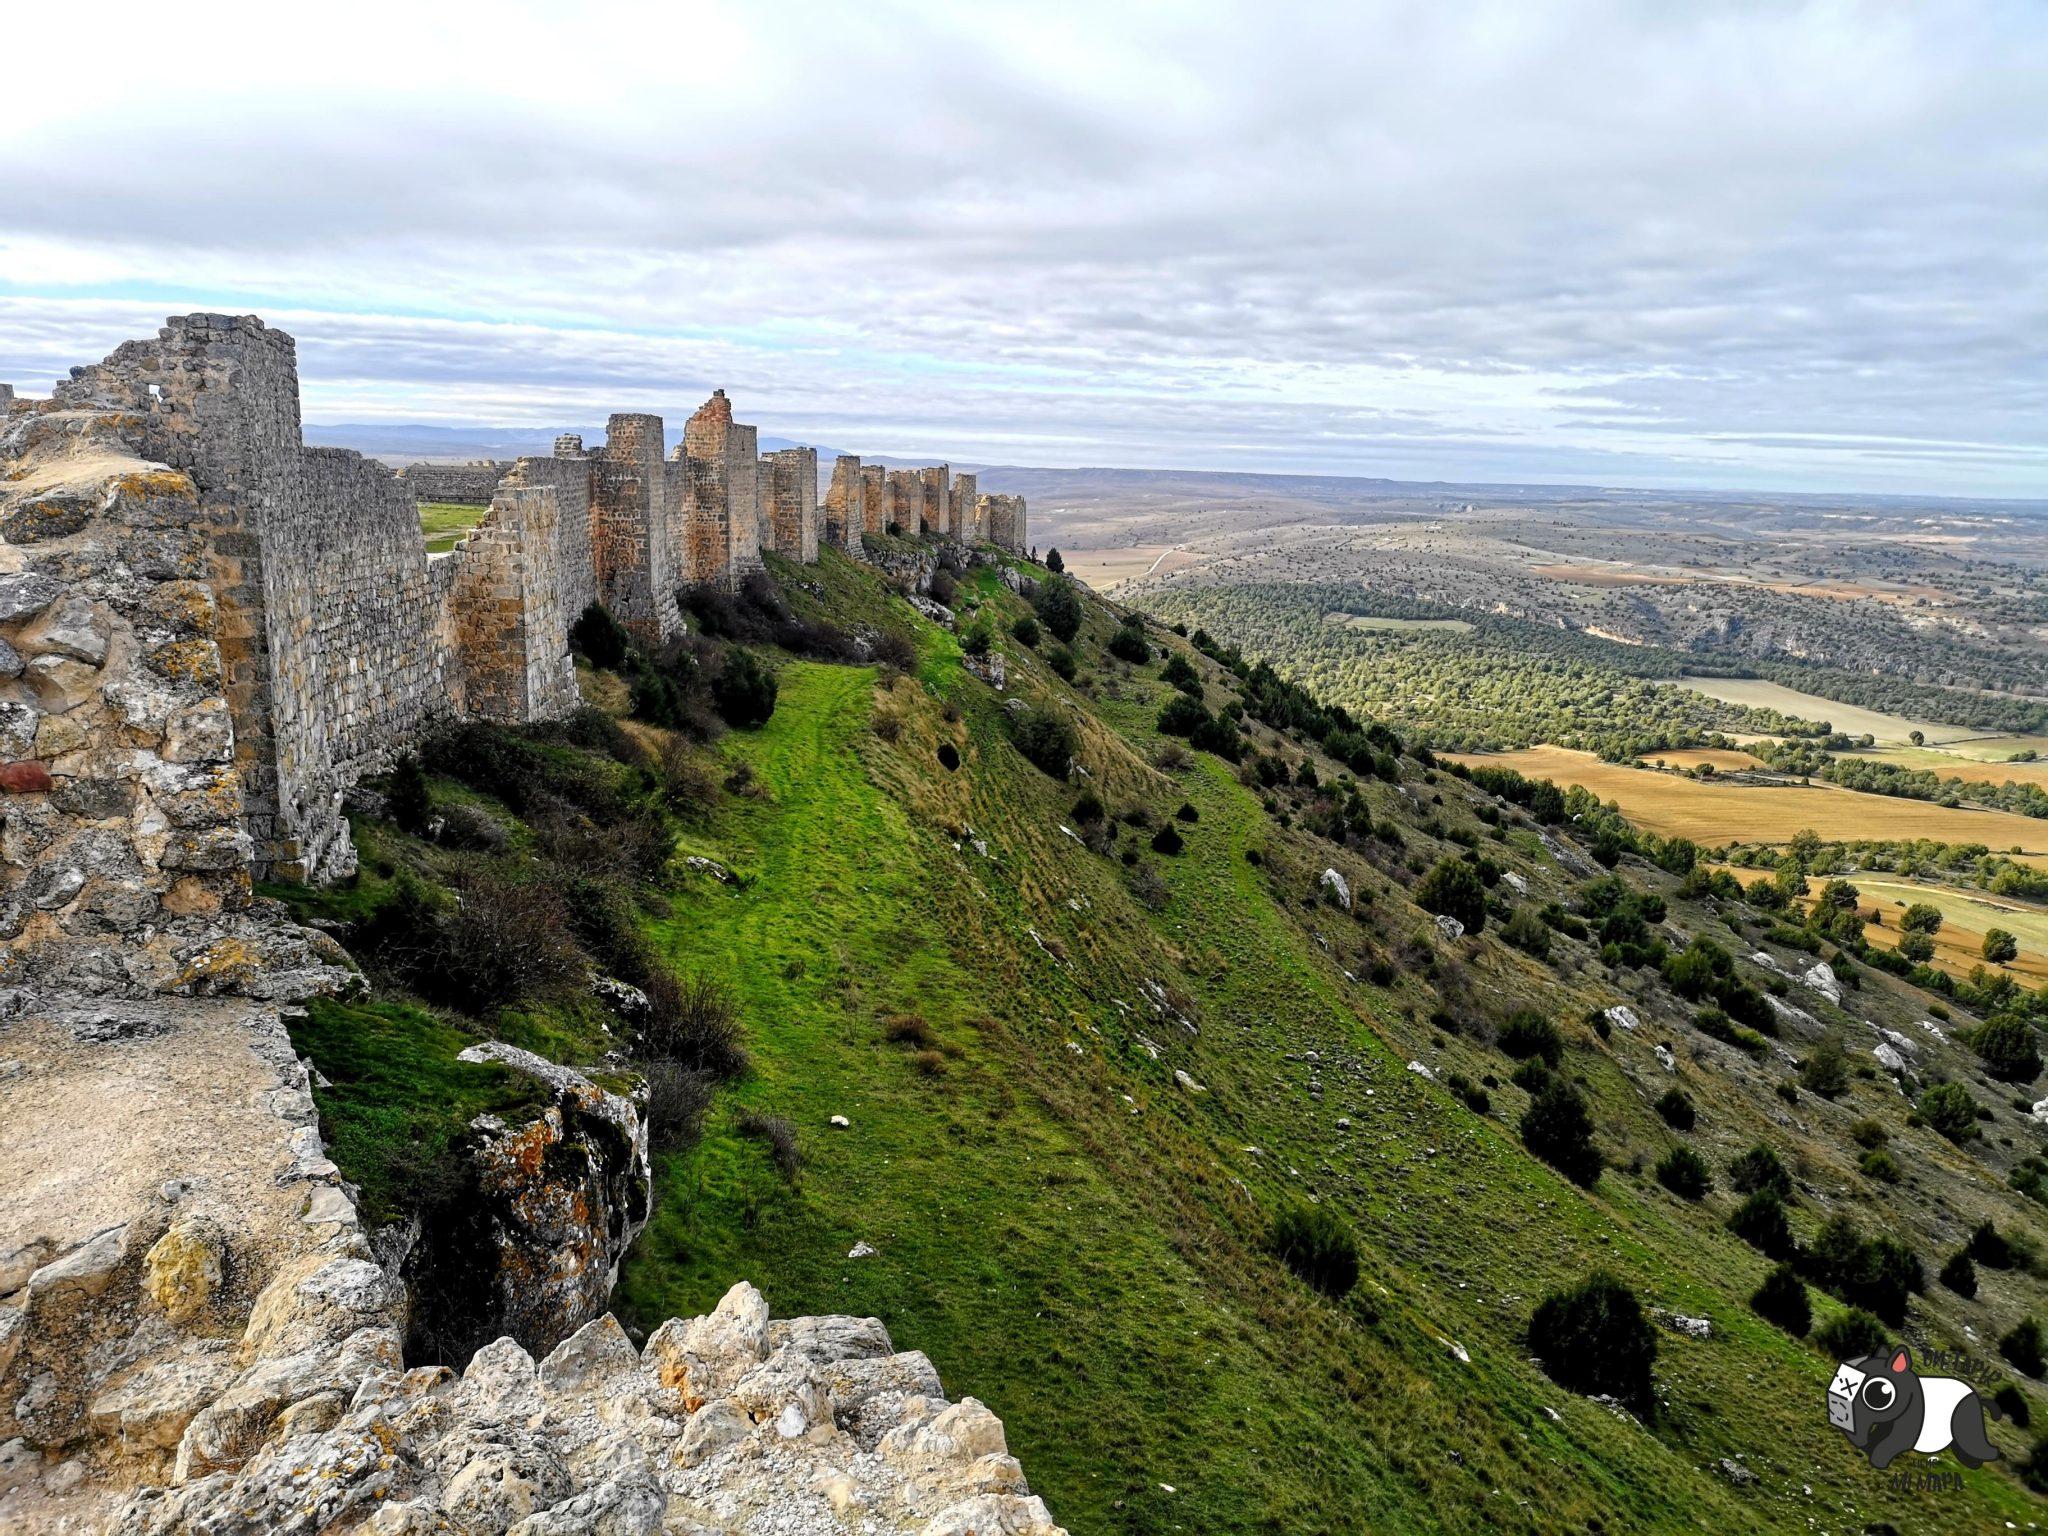 Muralla del castillo de Gormaz, en lo alto de la montaña, con cielo infinito.